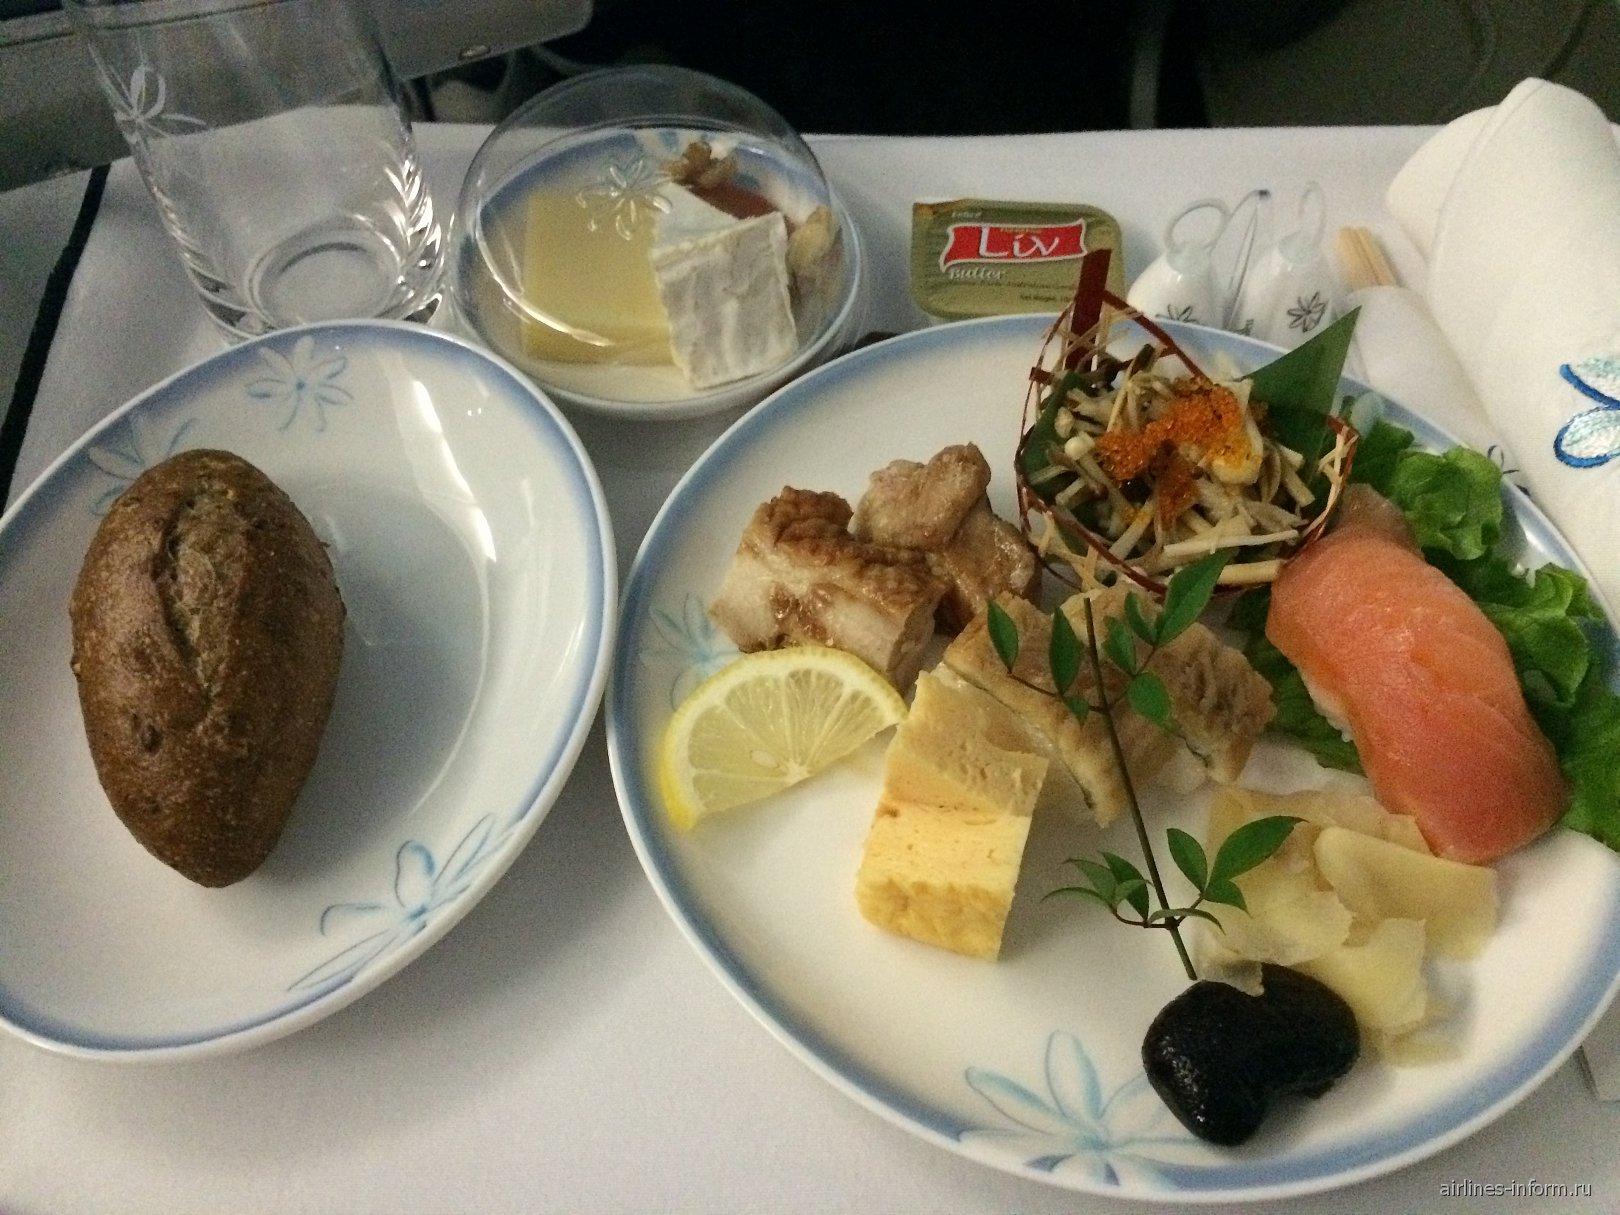 Холодные закуски в бизнес-классе авиакомпании Air Tahiti Nui на рейсе Токио-Папеэте